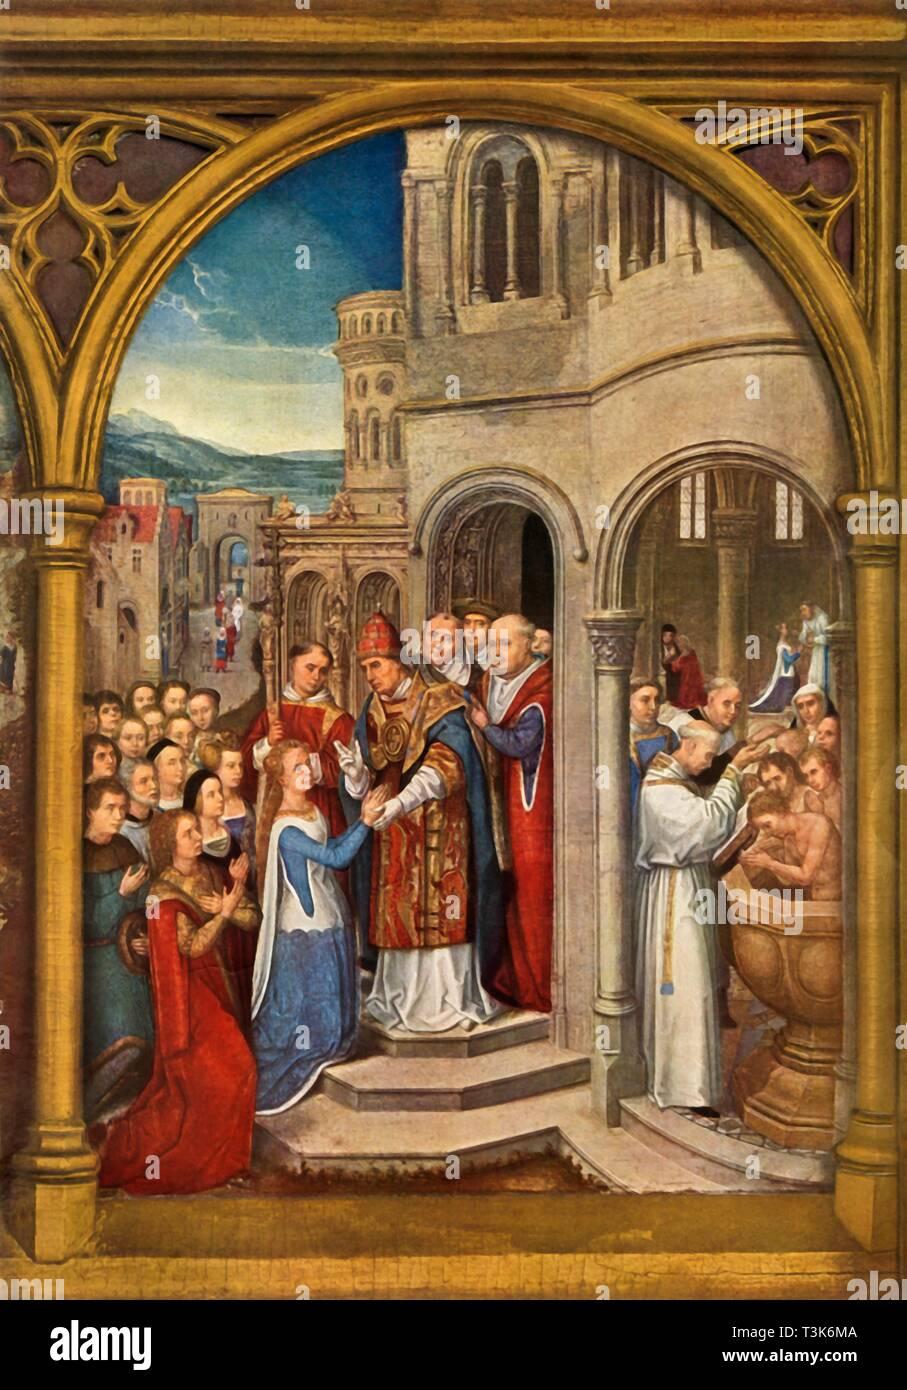 """""""L'arrivo a Roma', 1489. Reliquiario di Santa Ursula incontrato dal Papa Ciriaco, Ursula prende la comunione, coloro che non hanno ancora ricevuto il Battesimo subiscono la cerimonia. Olio su pannello. Immagini Stock"""